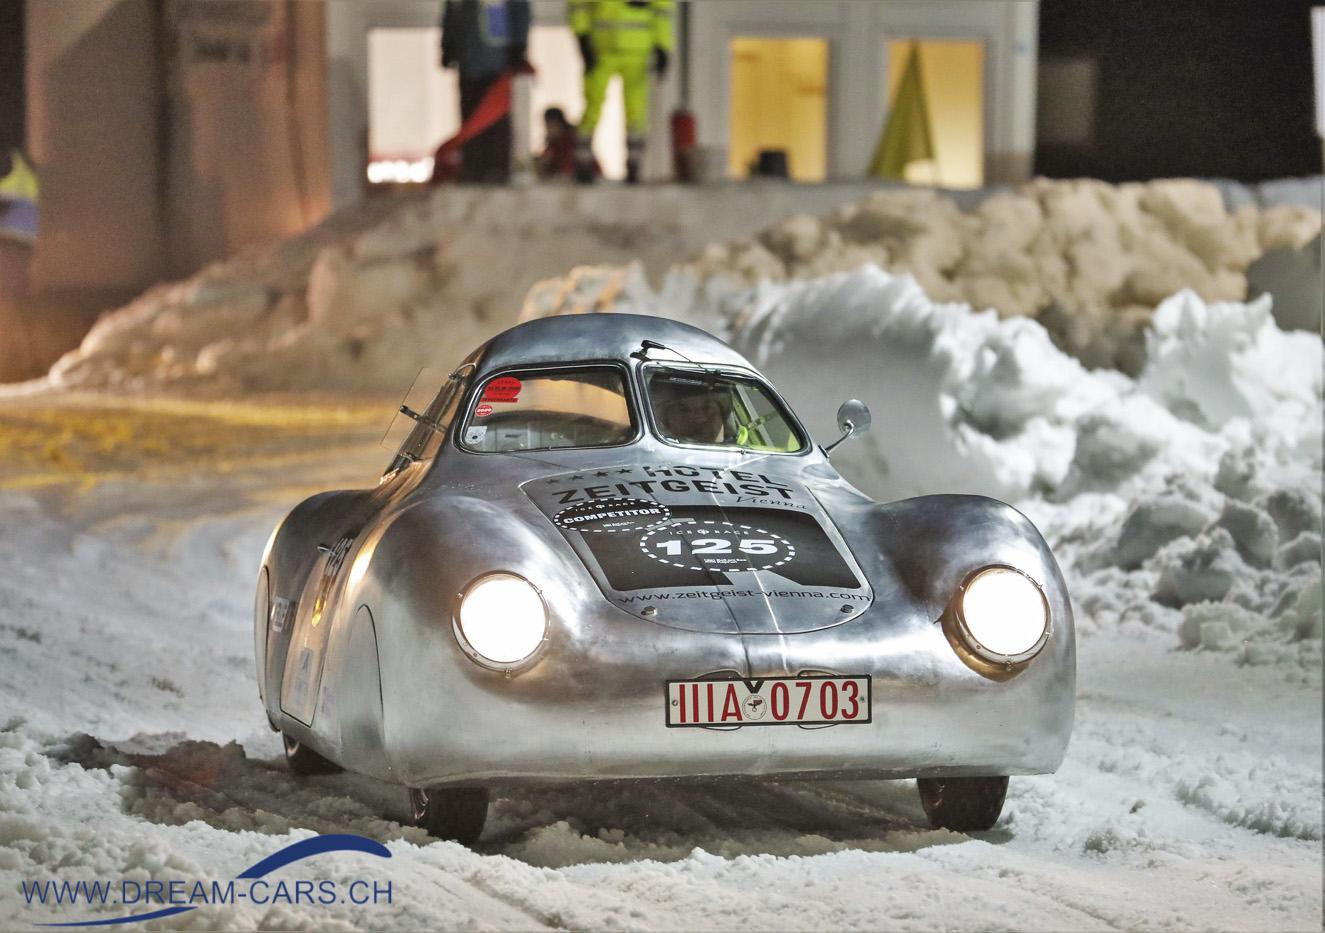 GP Ice Race, Zell am See, 1. und 2. Februar 2020. Der nachgebaute Volkswagen Typ 60 KF 10, auch genannt Berlin-Rom-Wagen. Michael Barbach brachte diesen Wagen nach Zell am See.